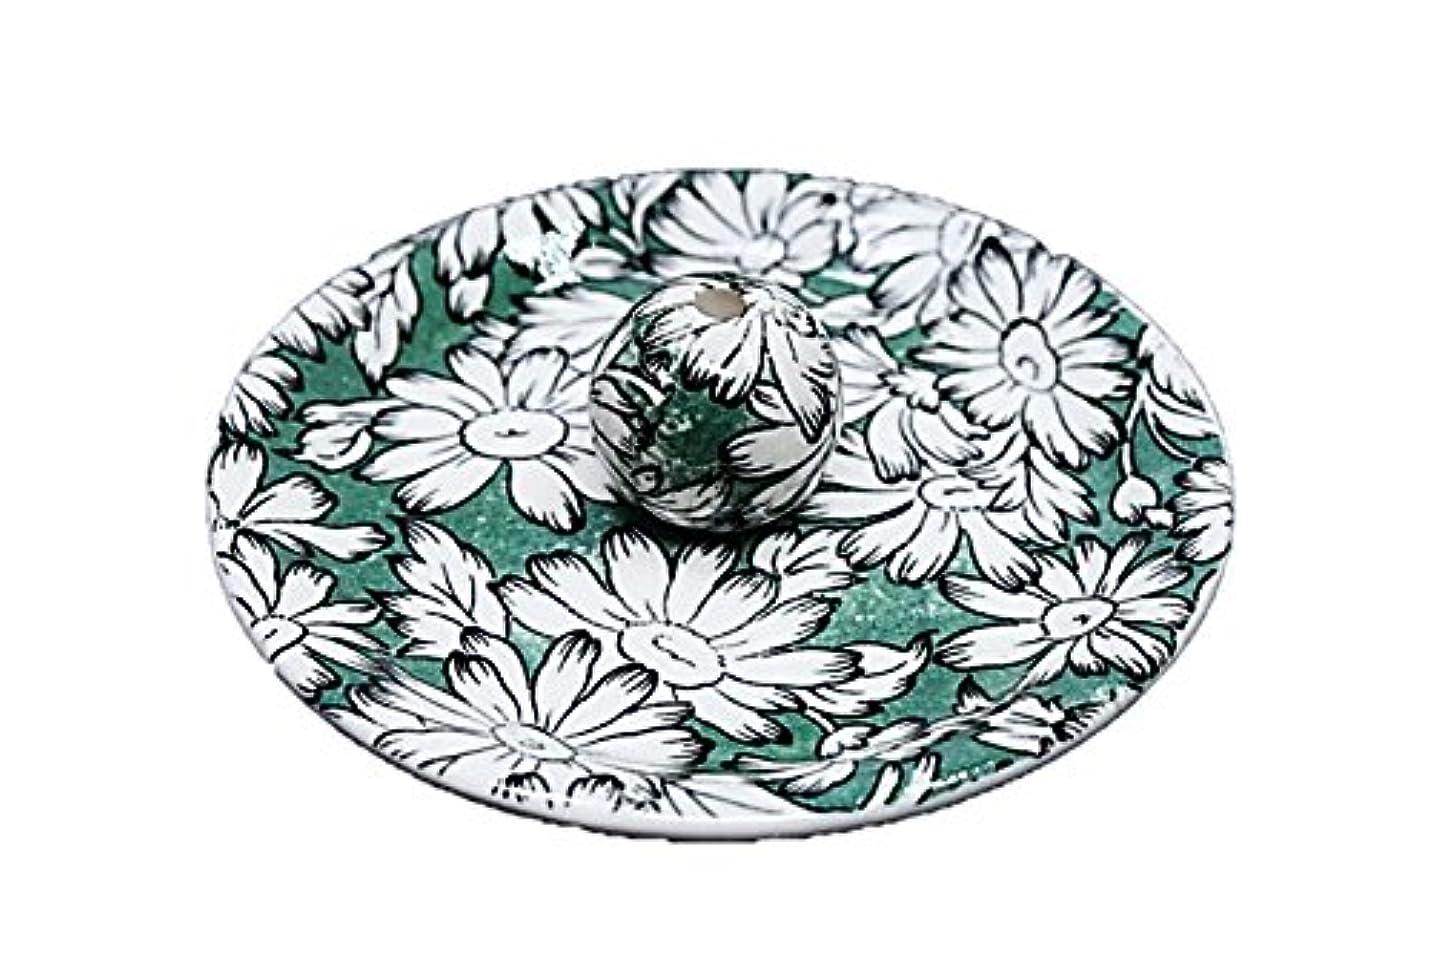 勇気持続的いじめっ子9-10 マーガレットグリーン 9cm香皿 お香立て お香たて 陶器 日本製 製造?直売品